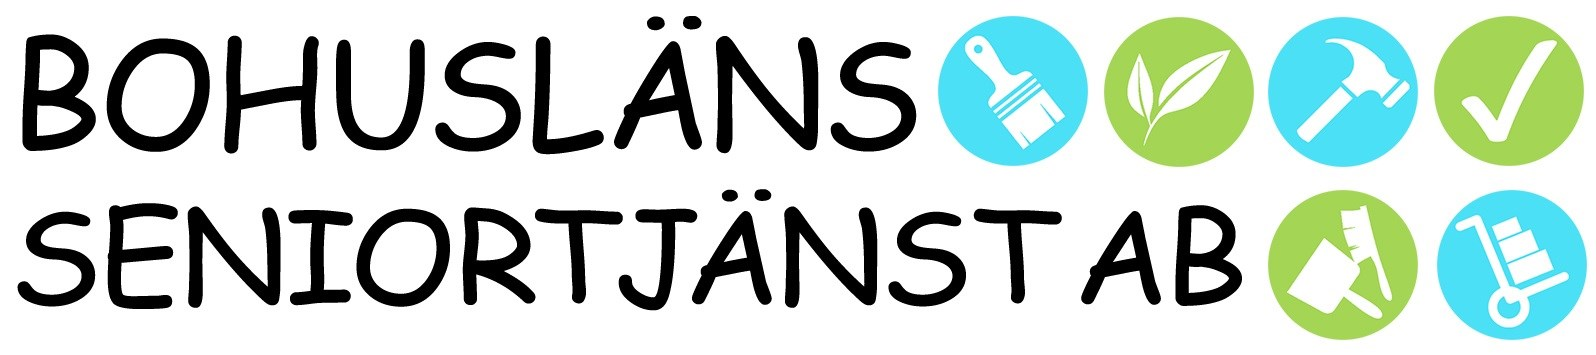 Logotyp för Bohusläns Seniortjänst AB